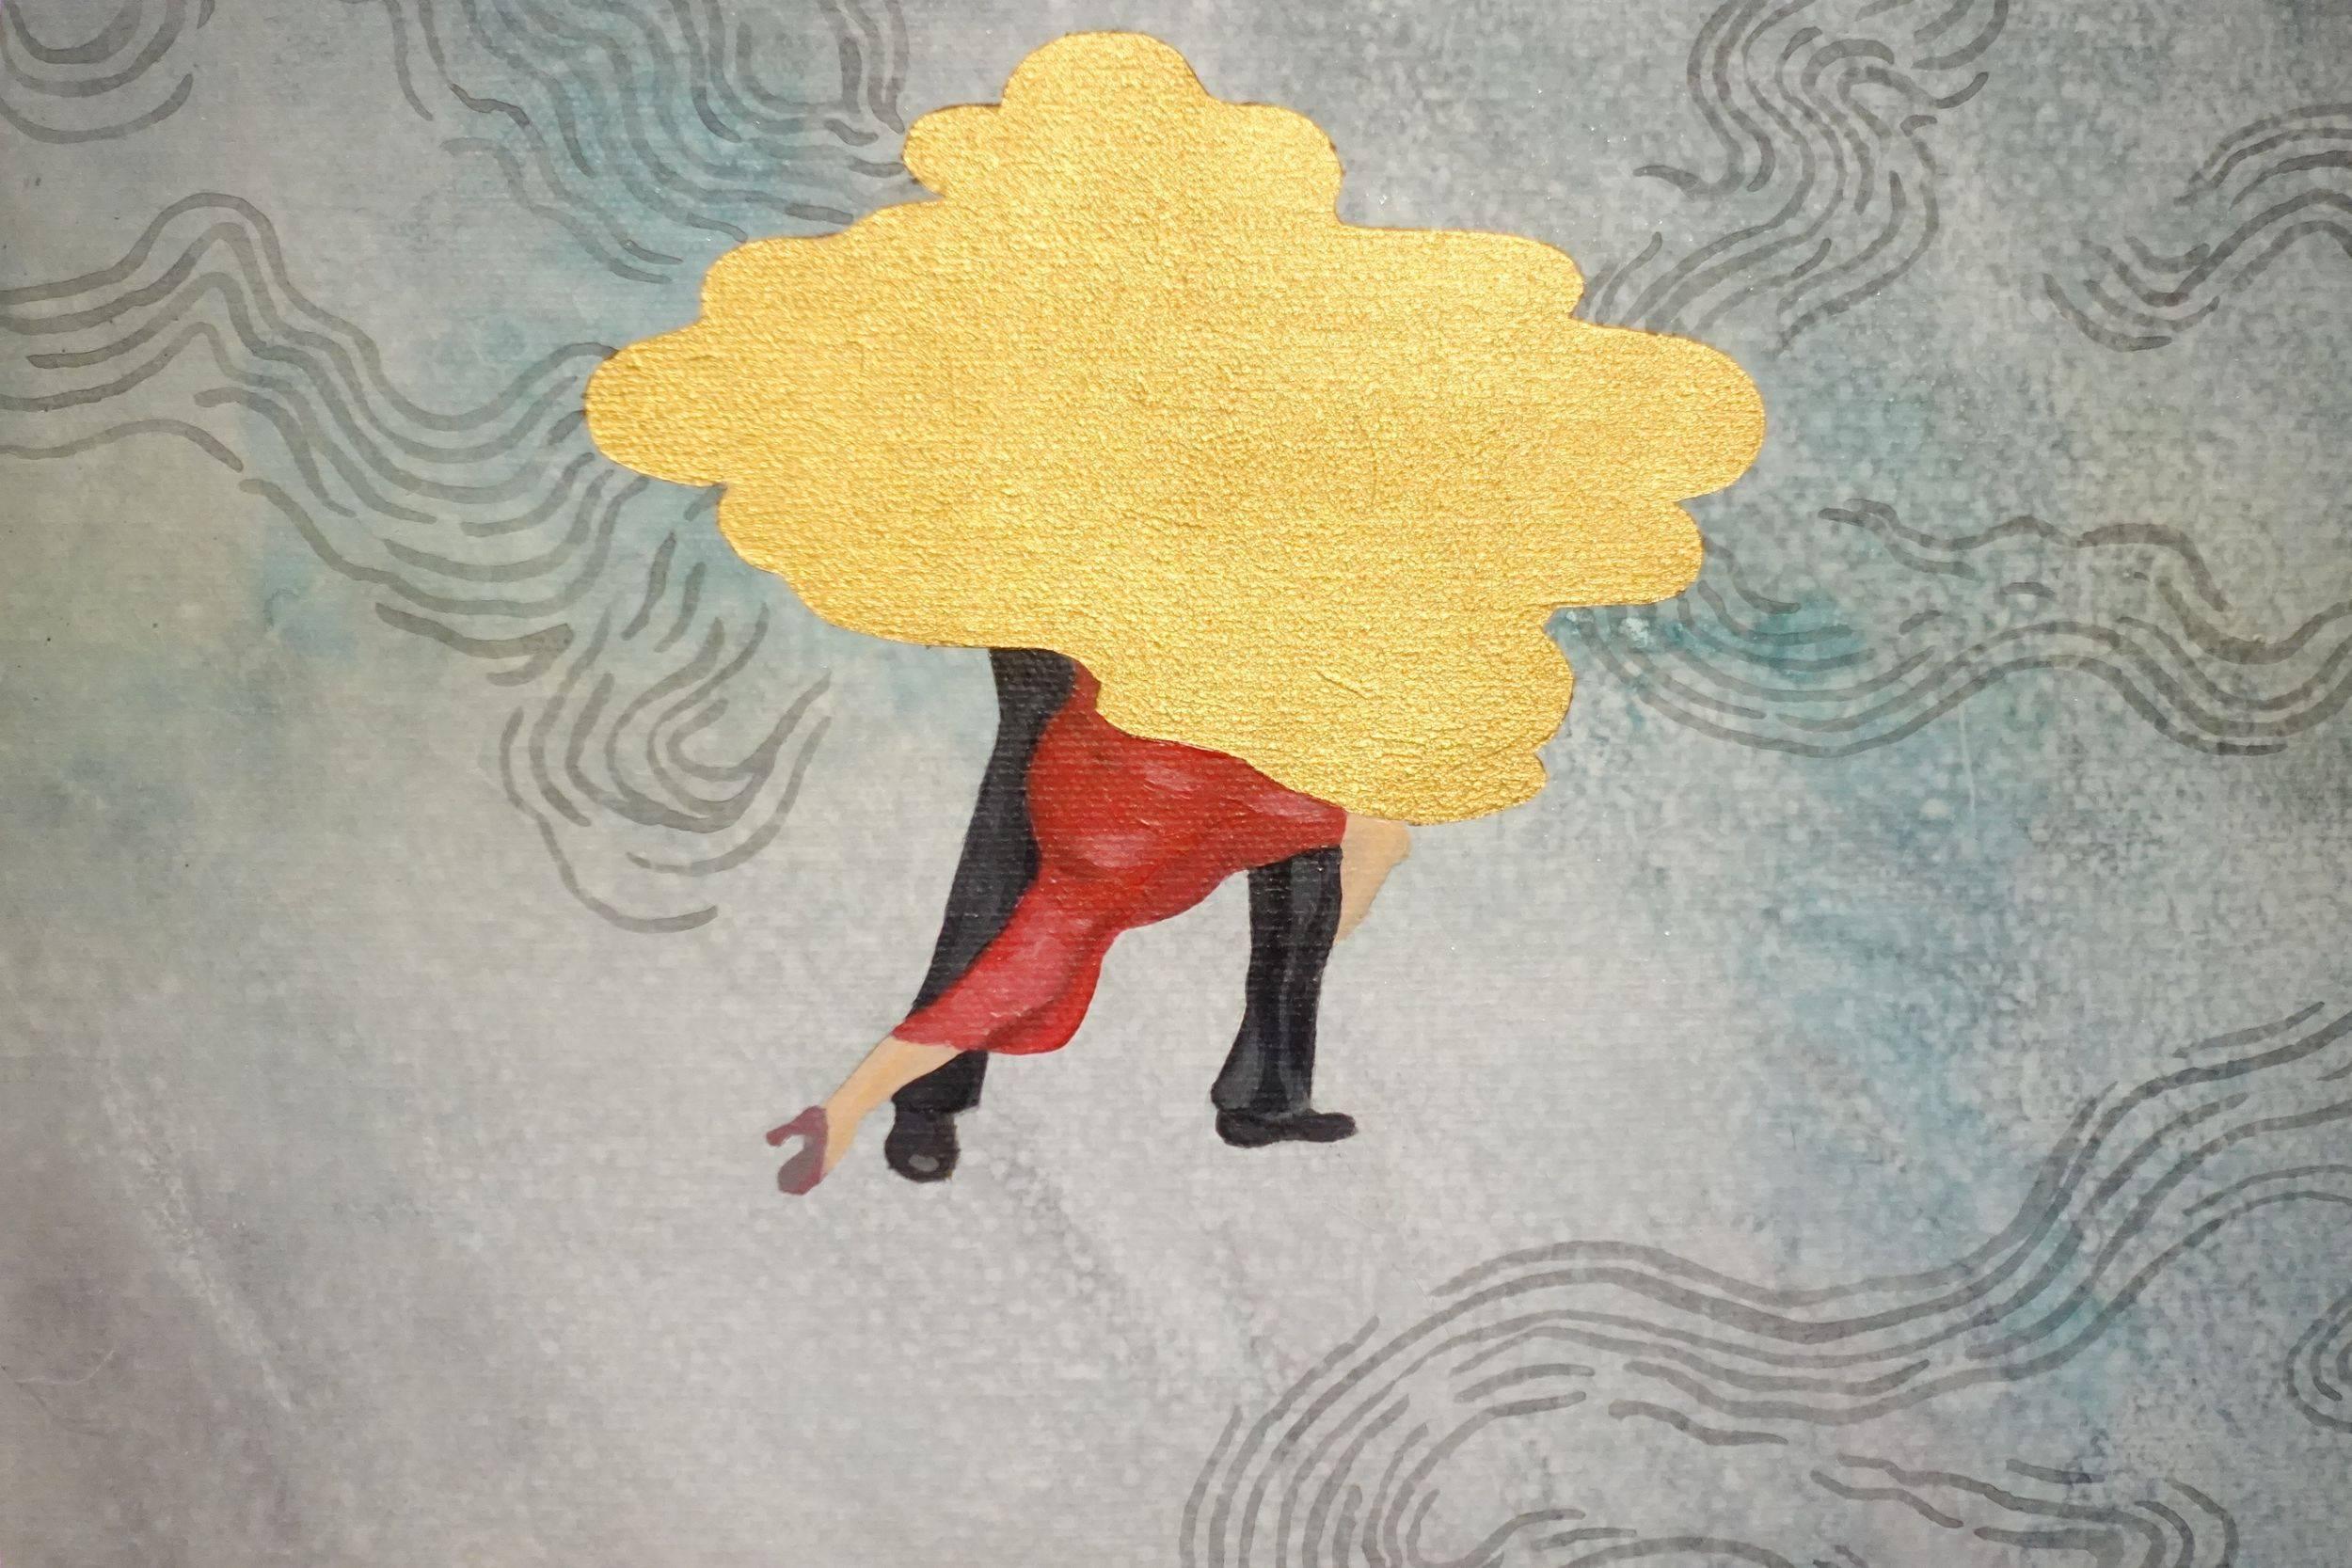 黃法誠,金色雲朵(局部),壓克力顏料.墨.畫布,2017年。